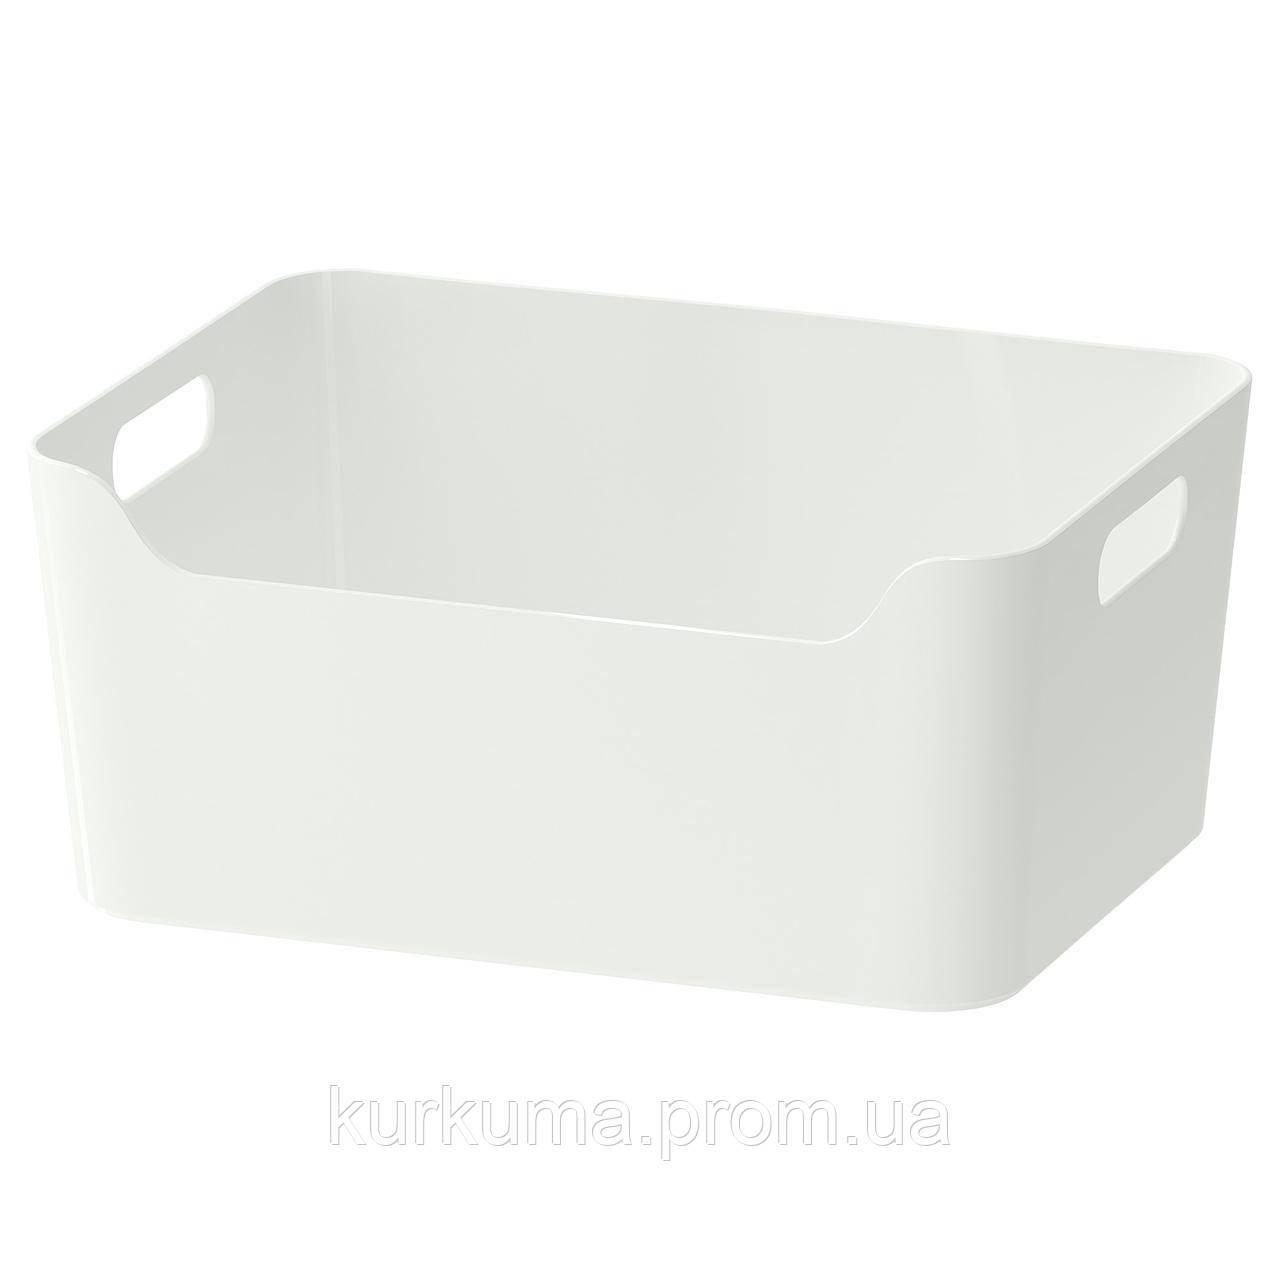 IKEA VARIERA Коробка, глянцевый белый  (701.772.55)